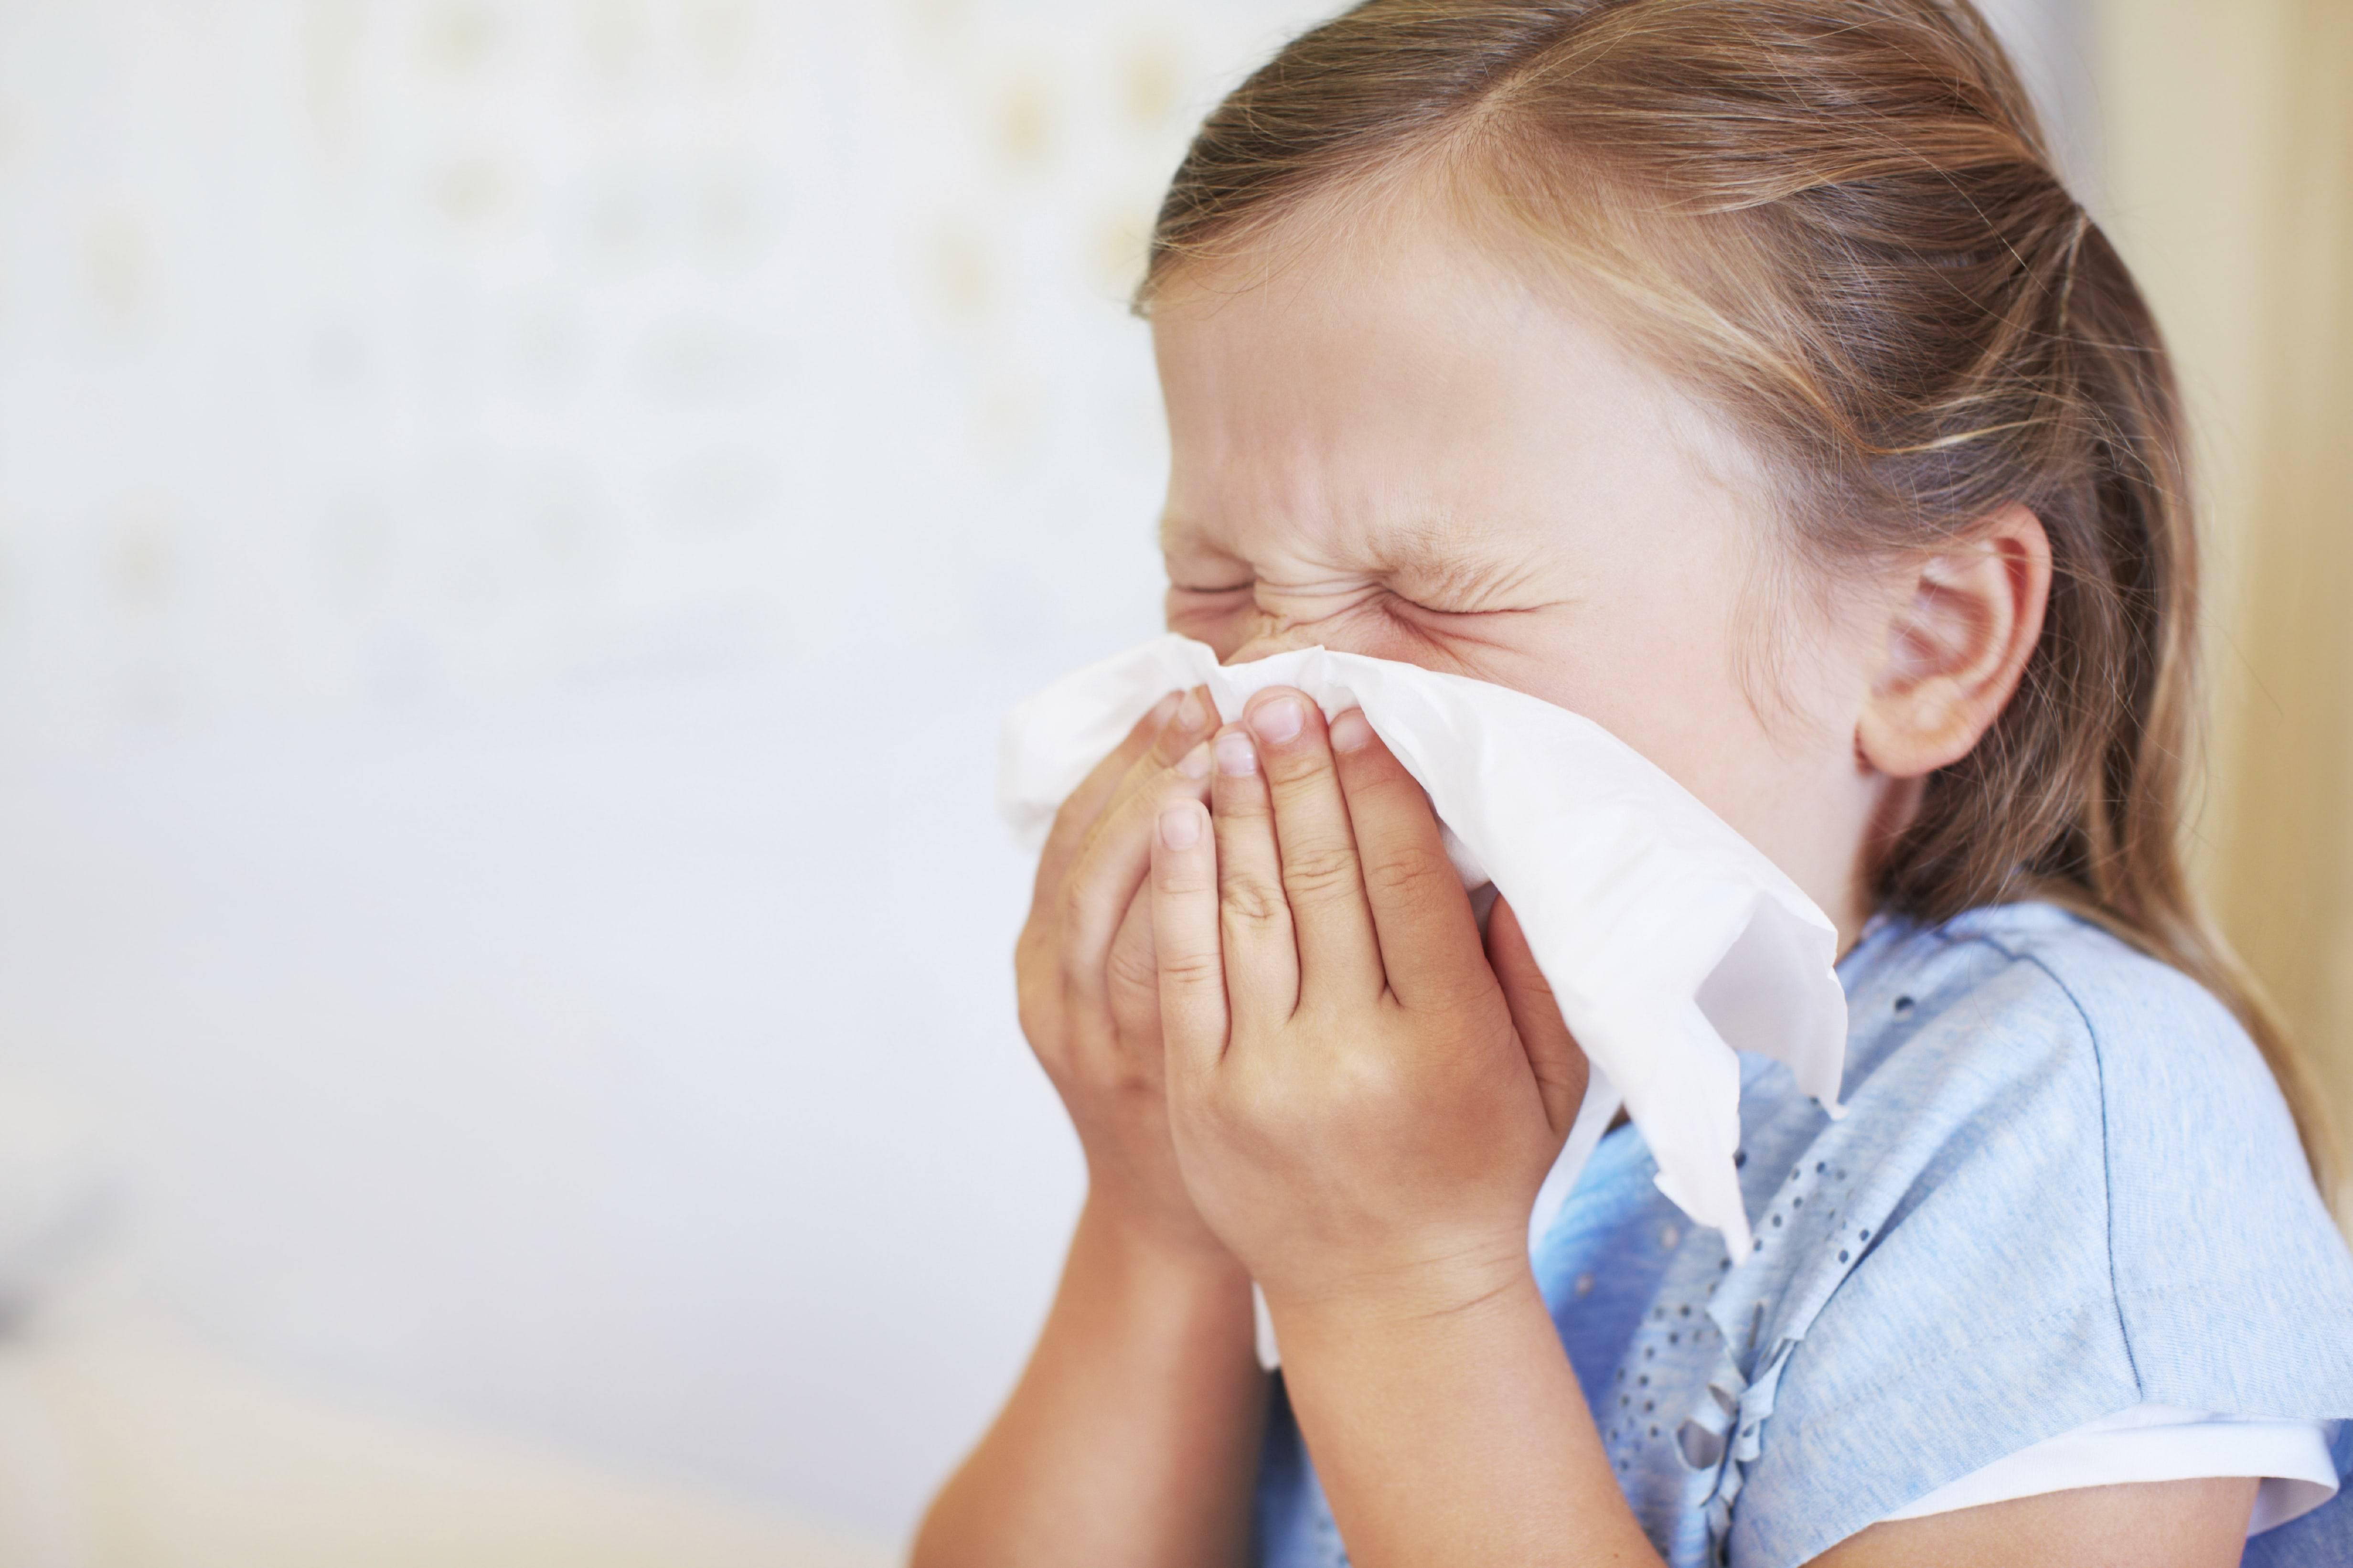 Чем лечить кашель и сопли у ребёнка?